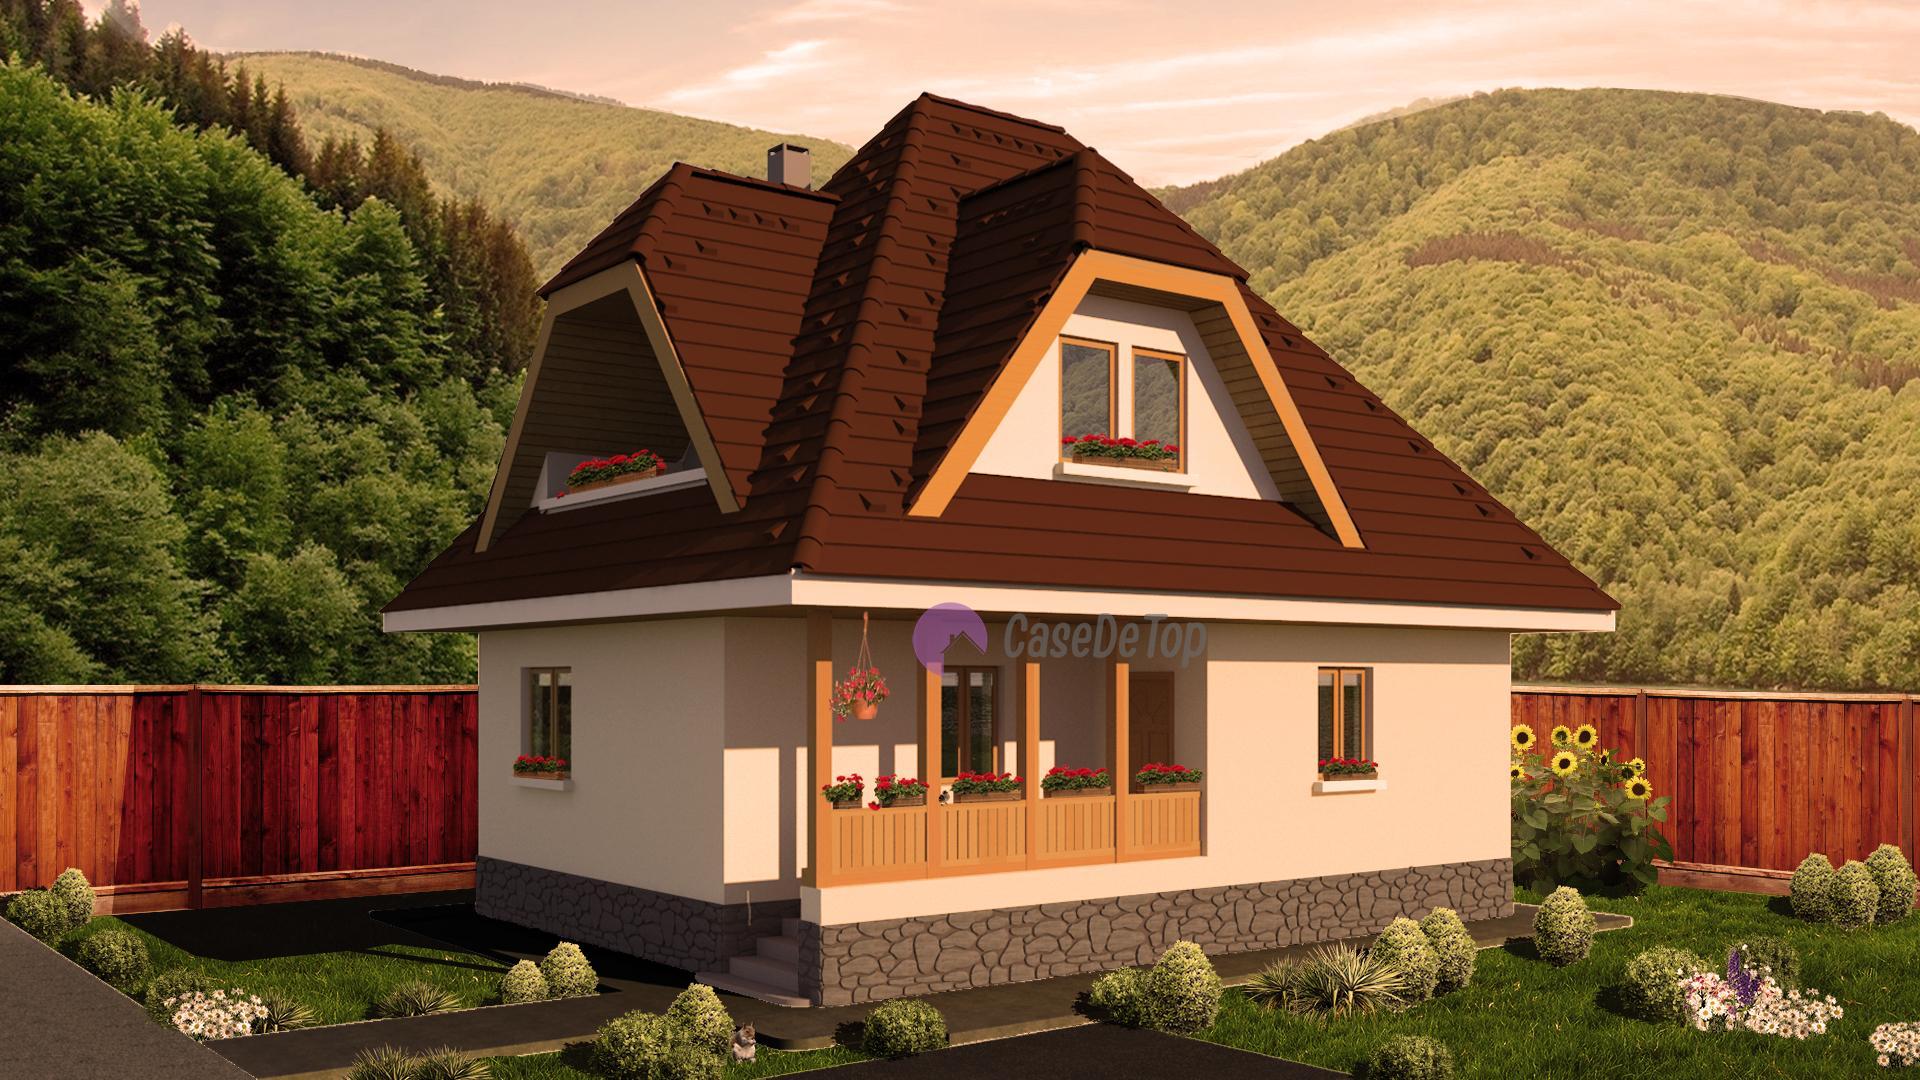 Model 91mp case de top for Proiecte case mici cu mansarda gratis